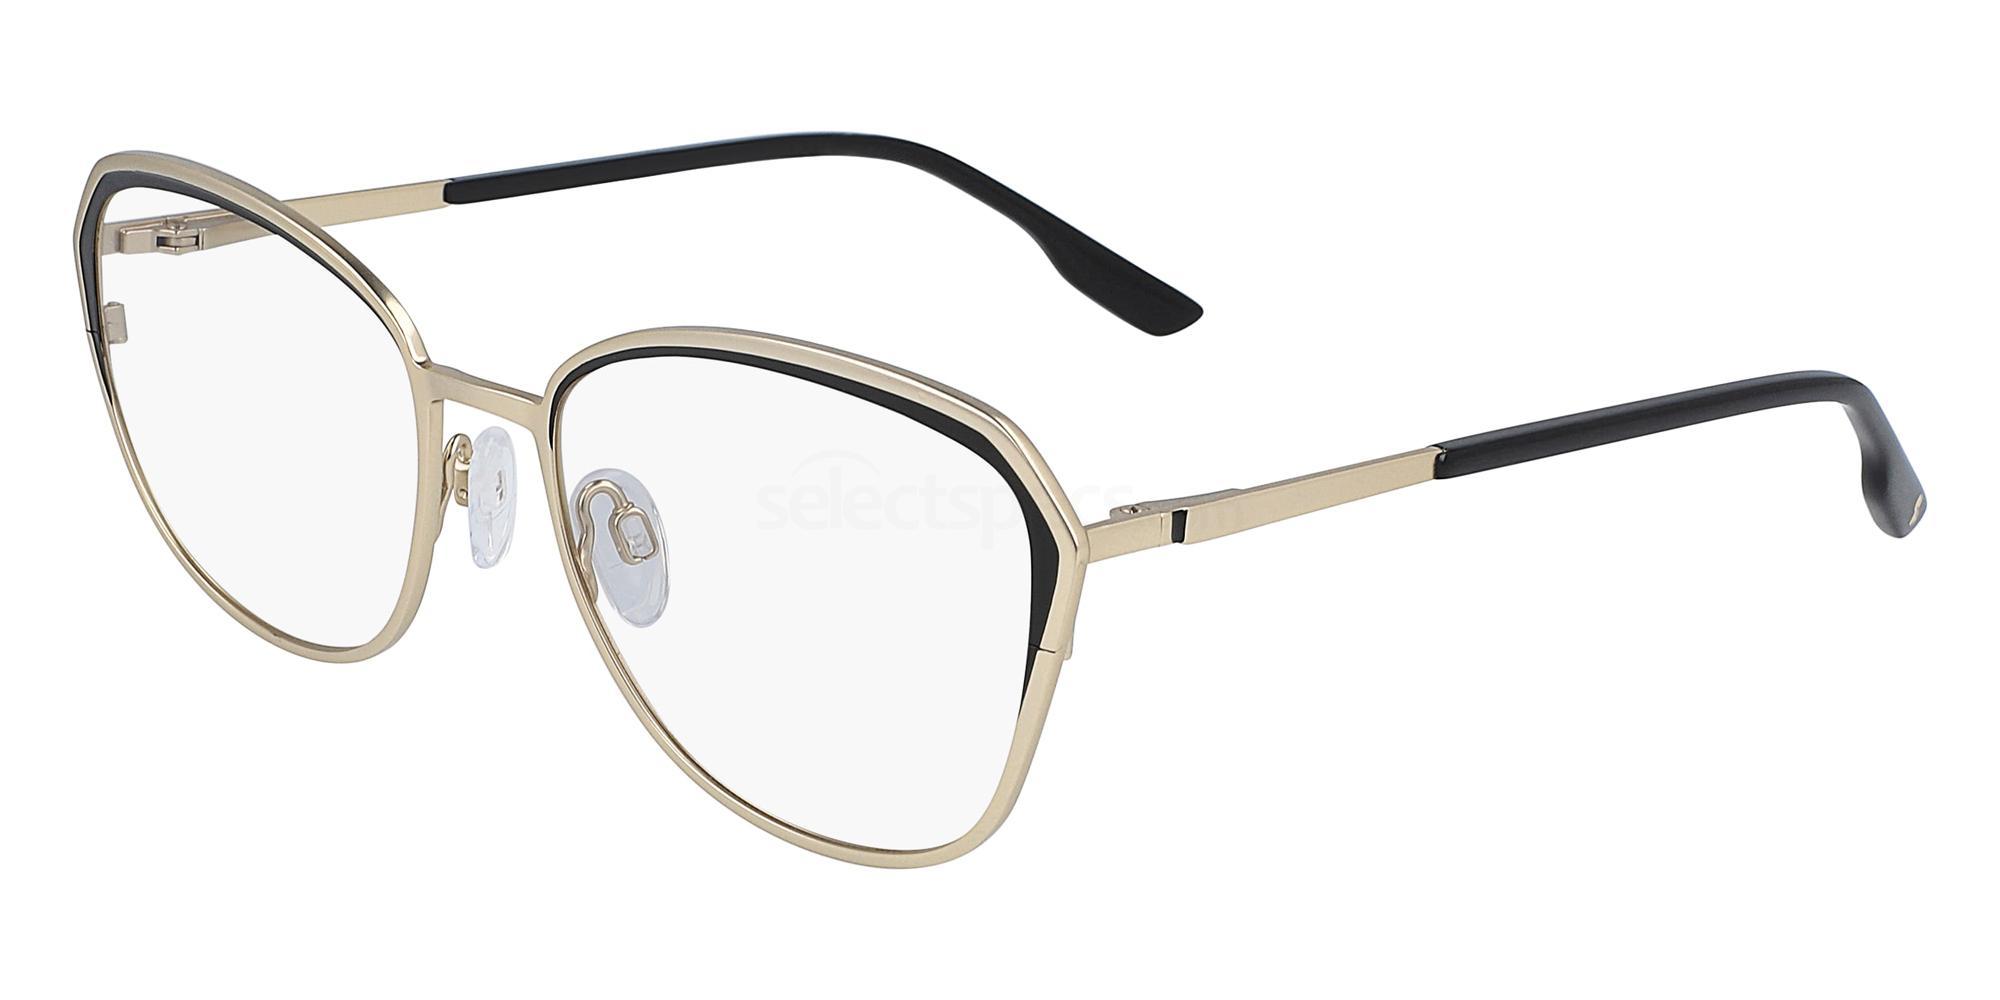 714 SK3000 BACKSIPPA Glasses, Skaga